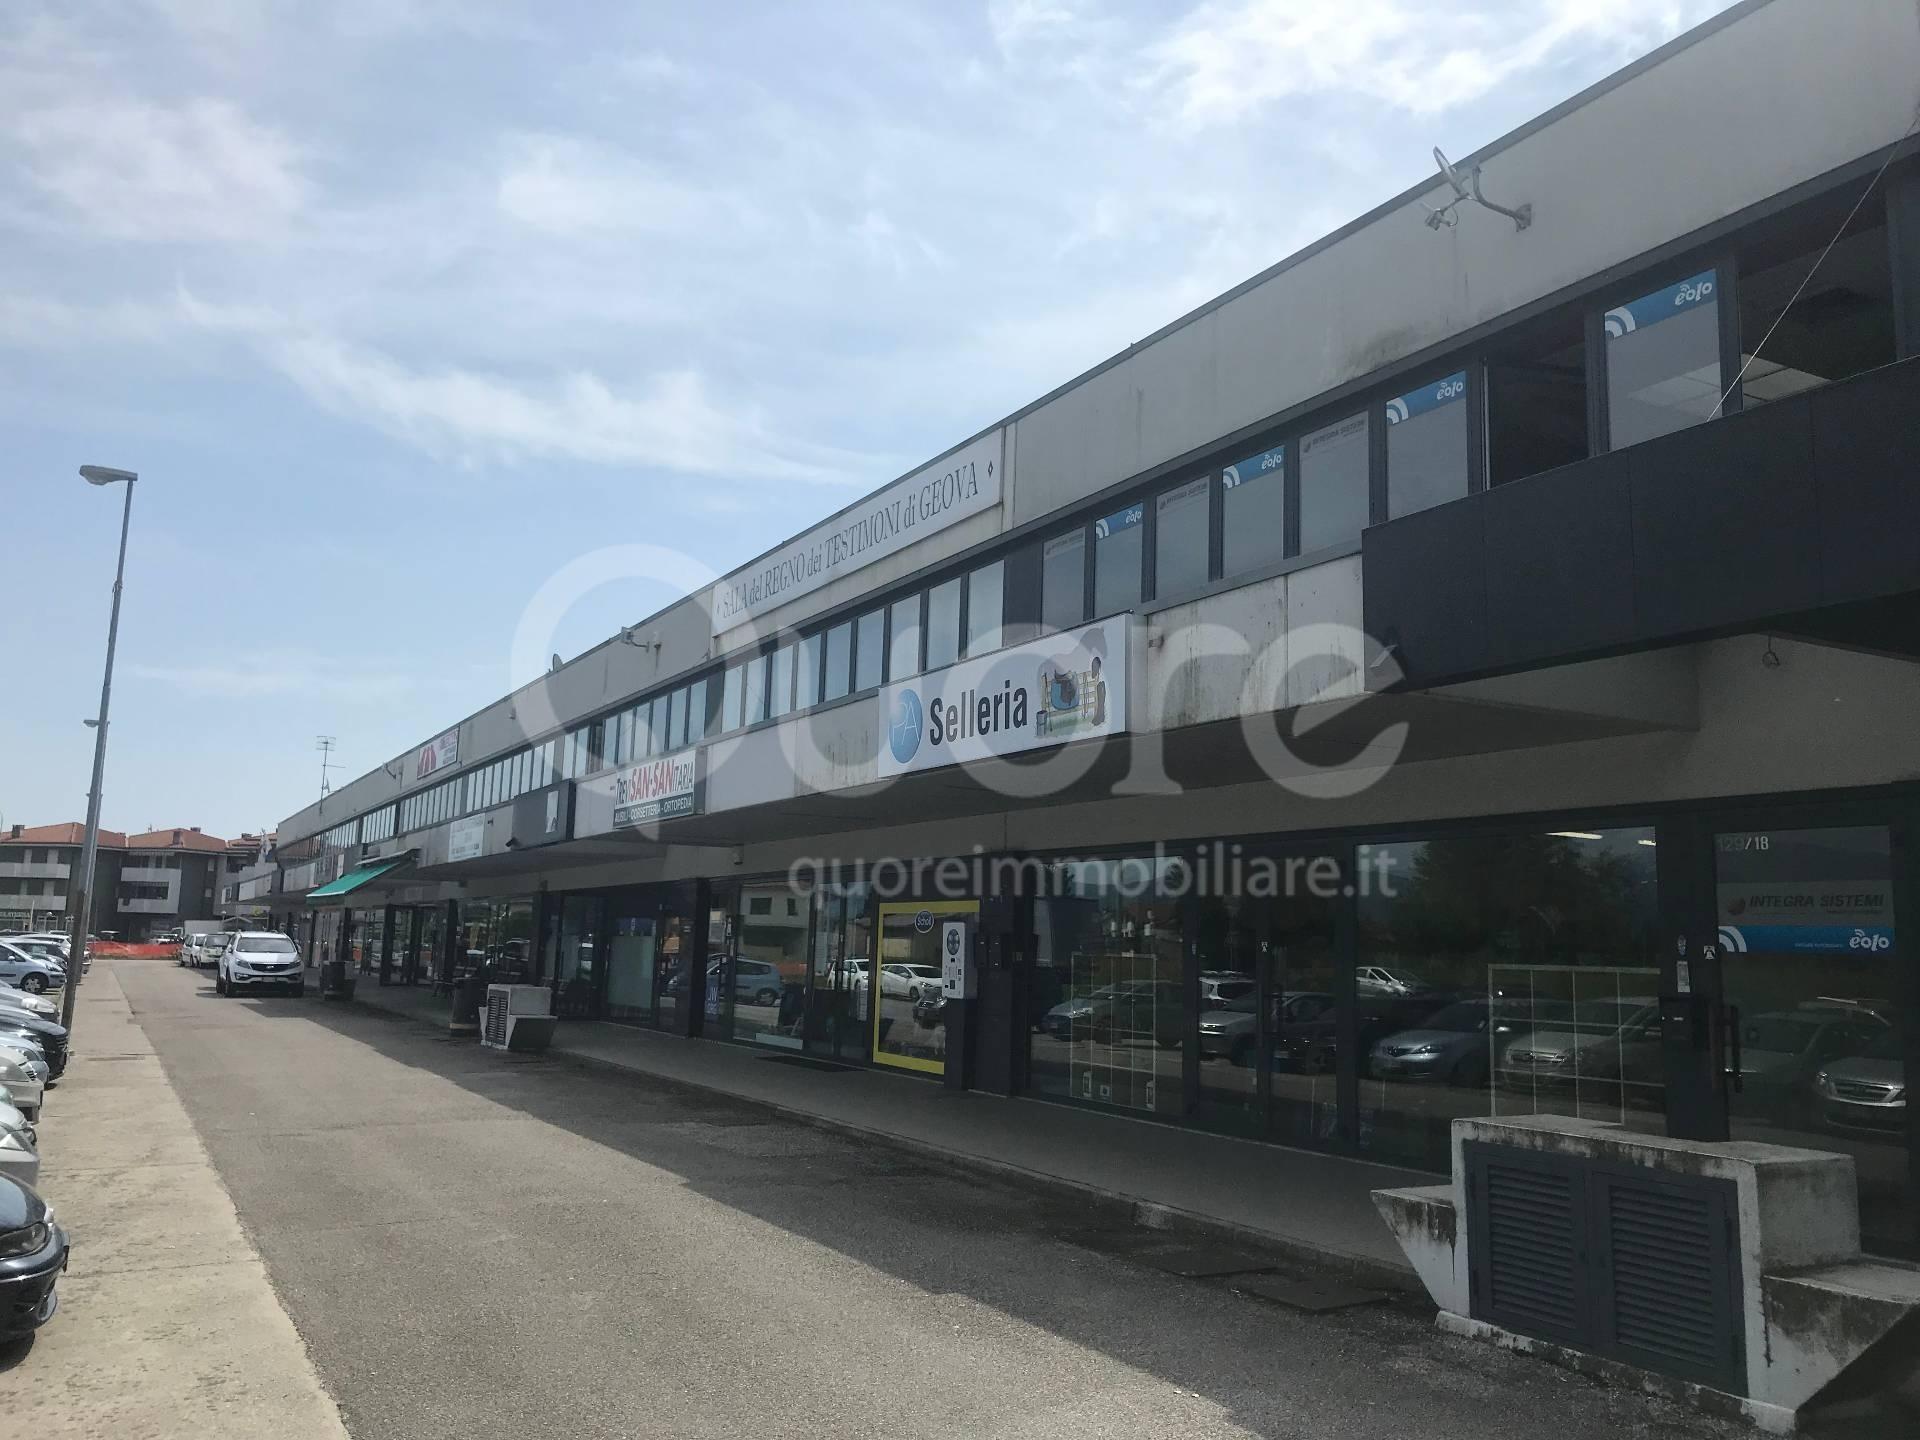 Ufficio / Studio in vendita a Reana del Rojale, 9999 locali, prezzo € 175.000 | CambioCasa.it